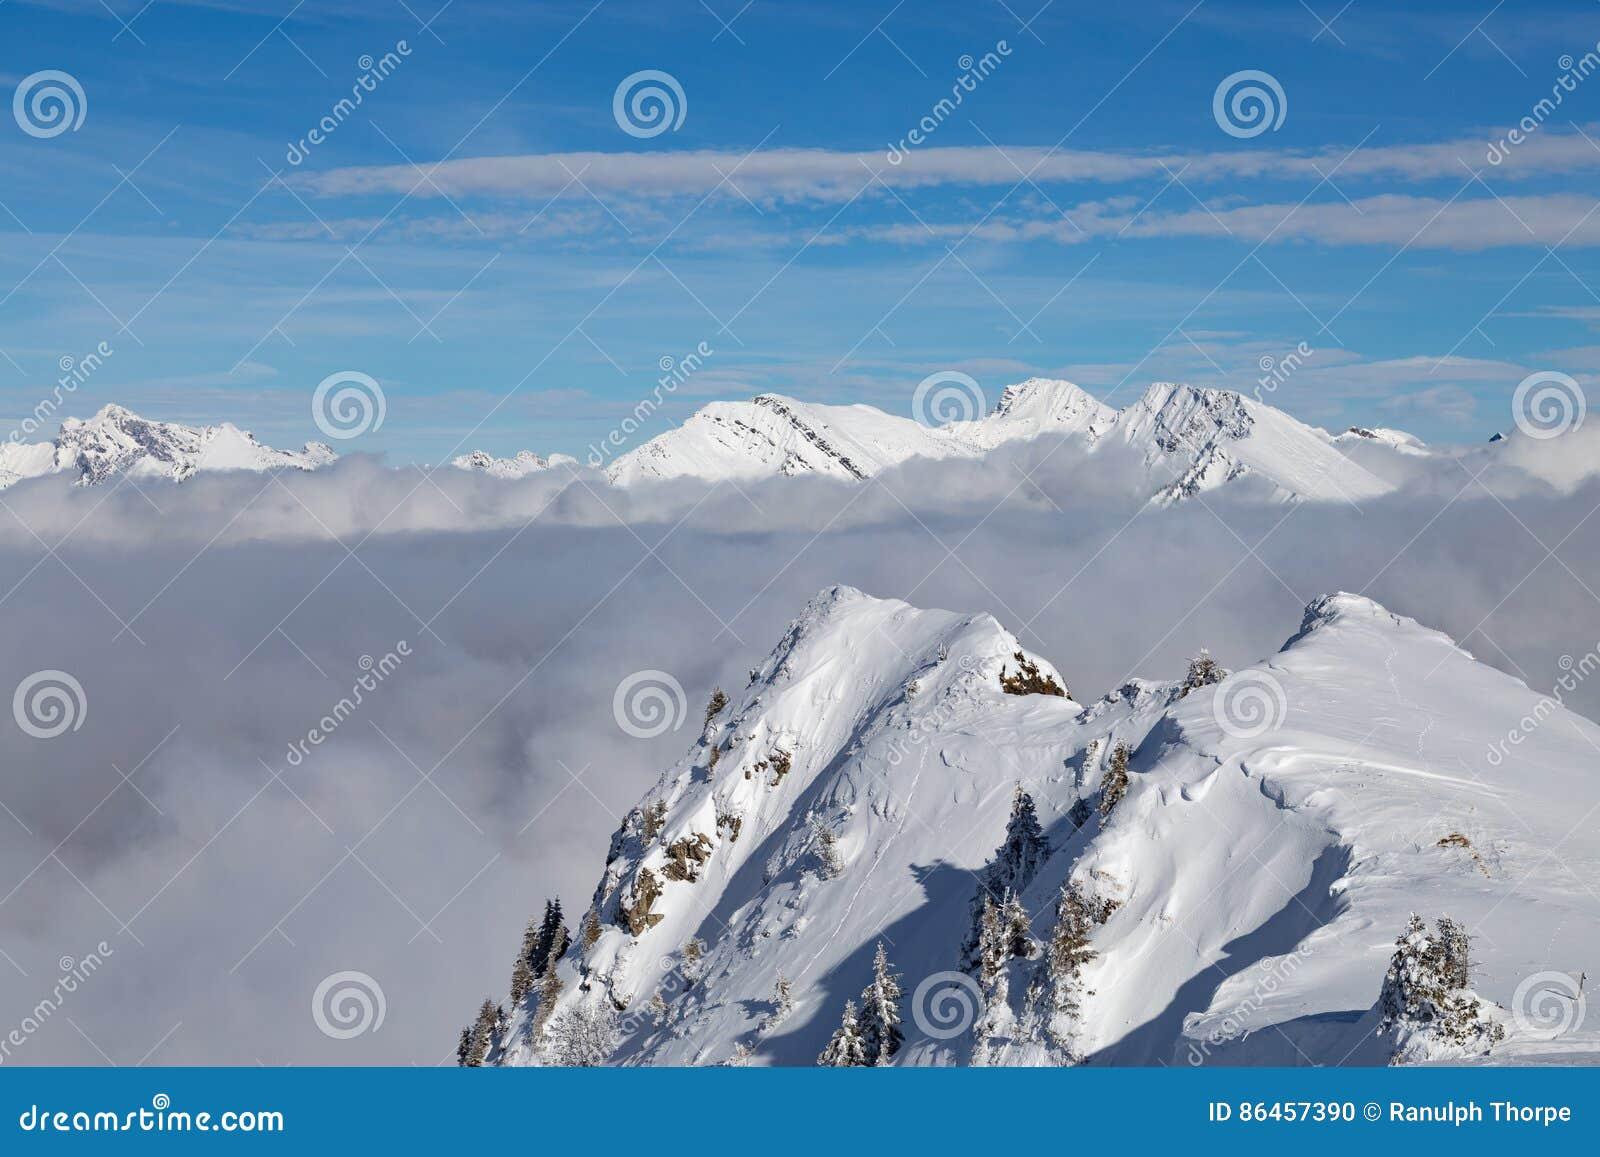 Berge bedeckt mit Schnee und Wolken und Bäume